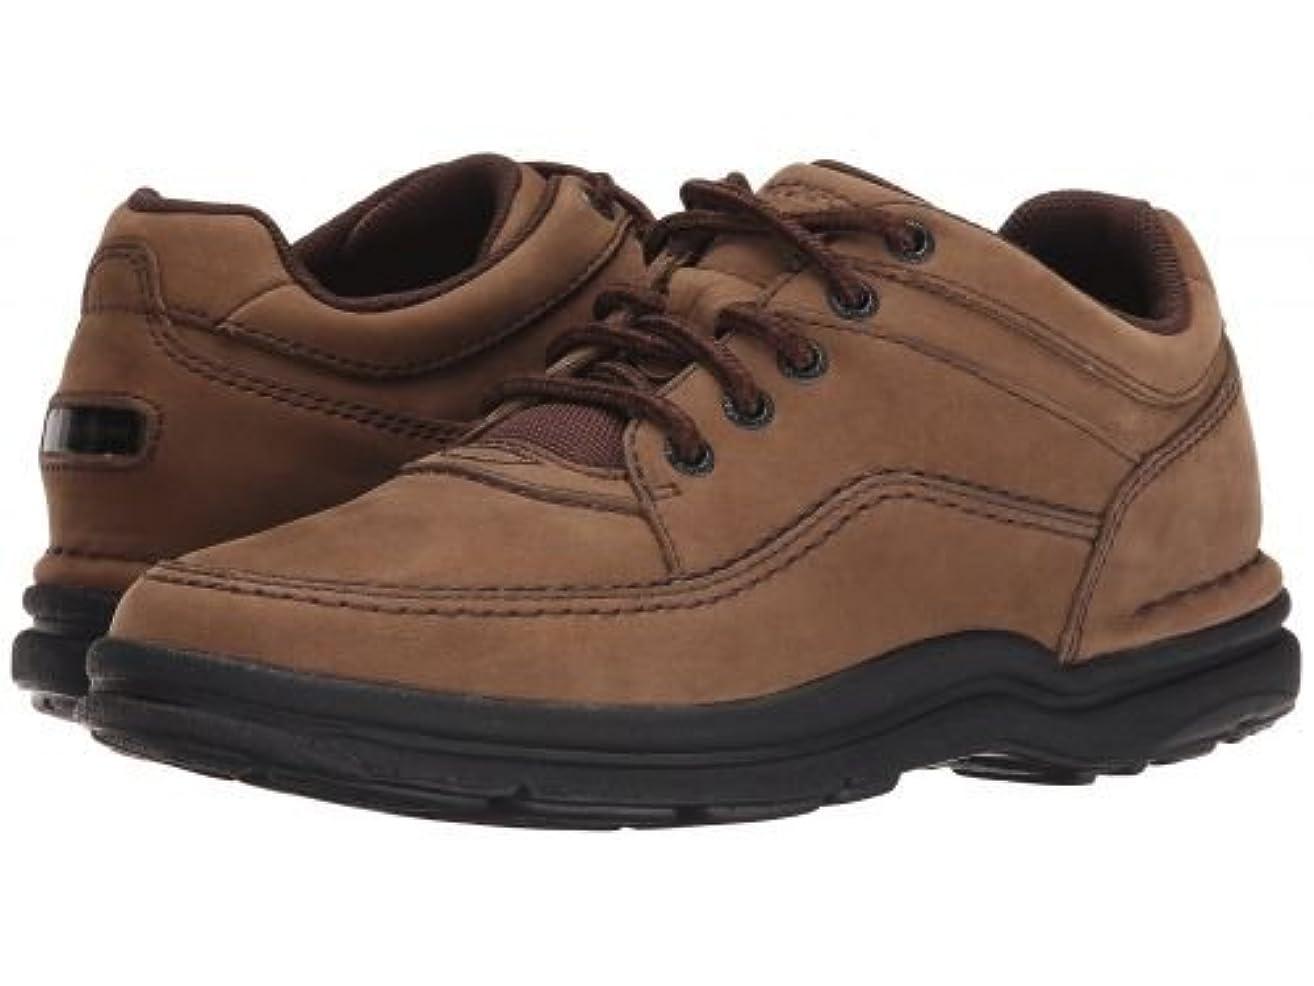 狂うサーバアラビア語Rockport(ロックポート) メンズ 男性用 シューズ 靴 オックスフォード 紳士靴 通勤靴 World Tour Classic - Chocolate Nubuck 6.5 W (EE) [並行輸入品]